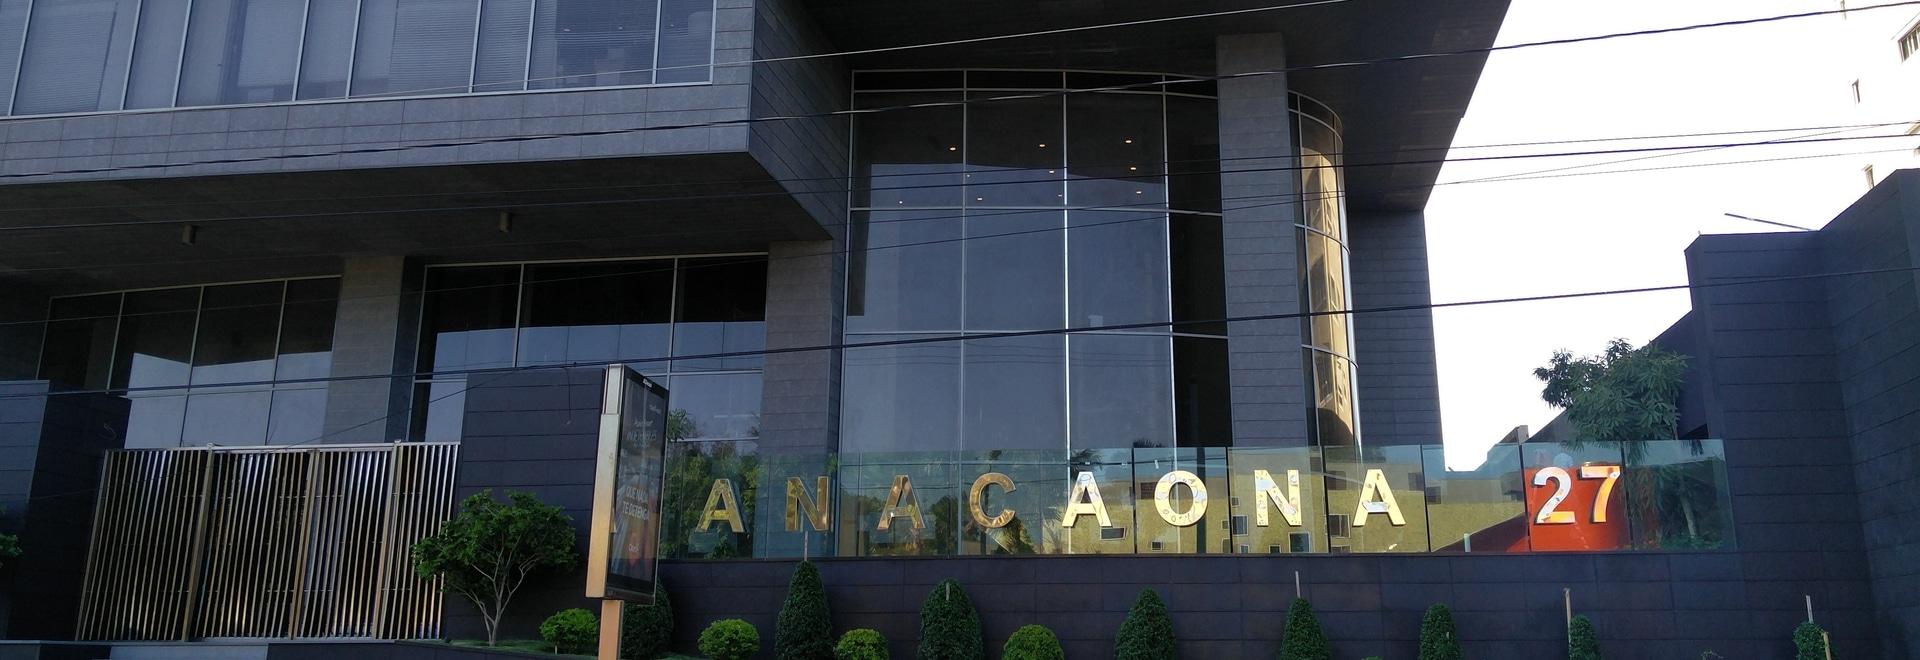 Anacaona 27. Santo Domingo (República Dominicana)